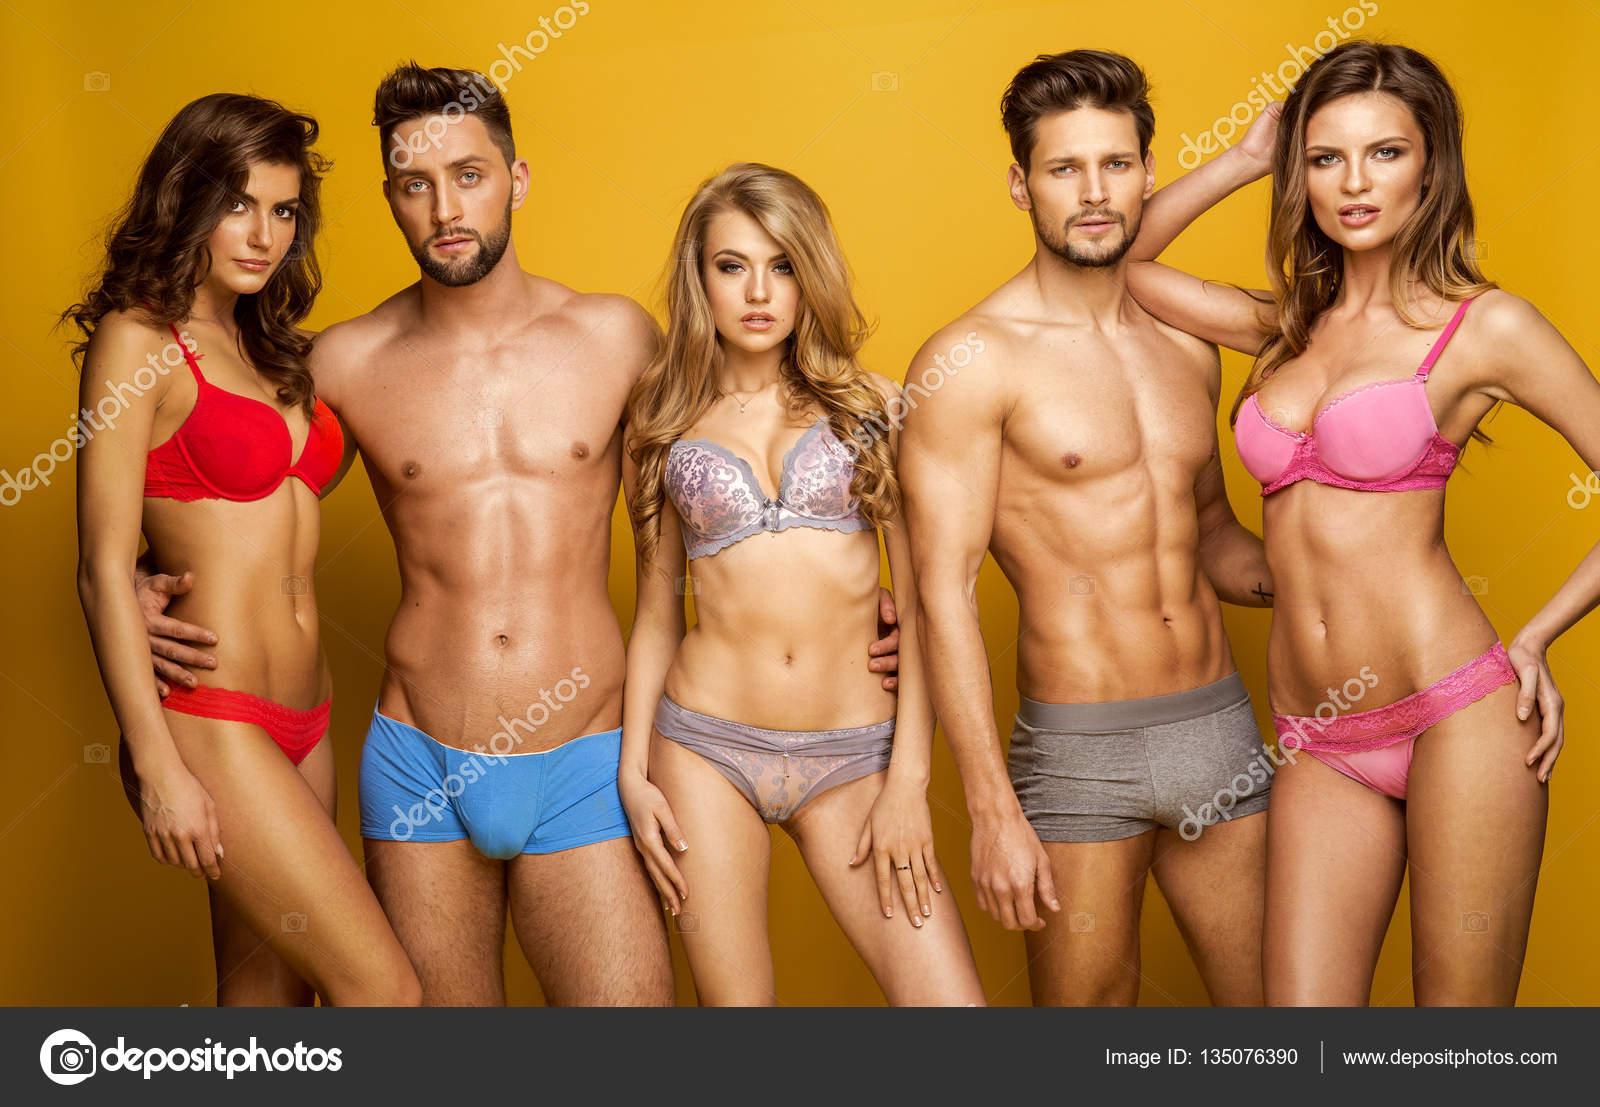 f7ec0649b5 Sonriente y vistiendo ropa interior posando en el estudio de modelos de  moda - fotos  modelos hombres en bikini — Foto de ...